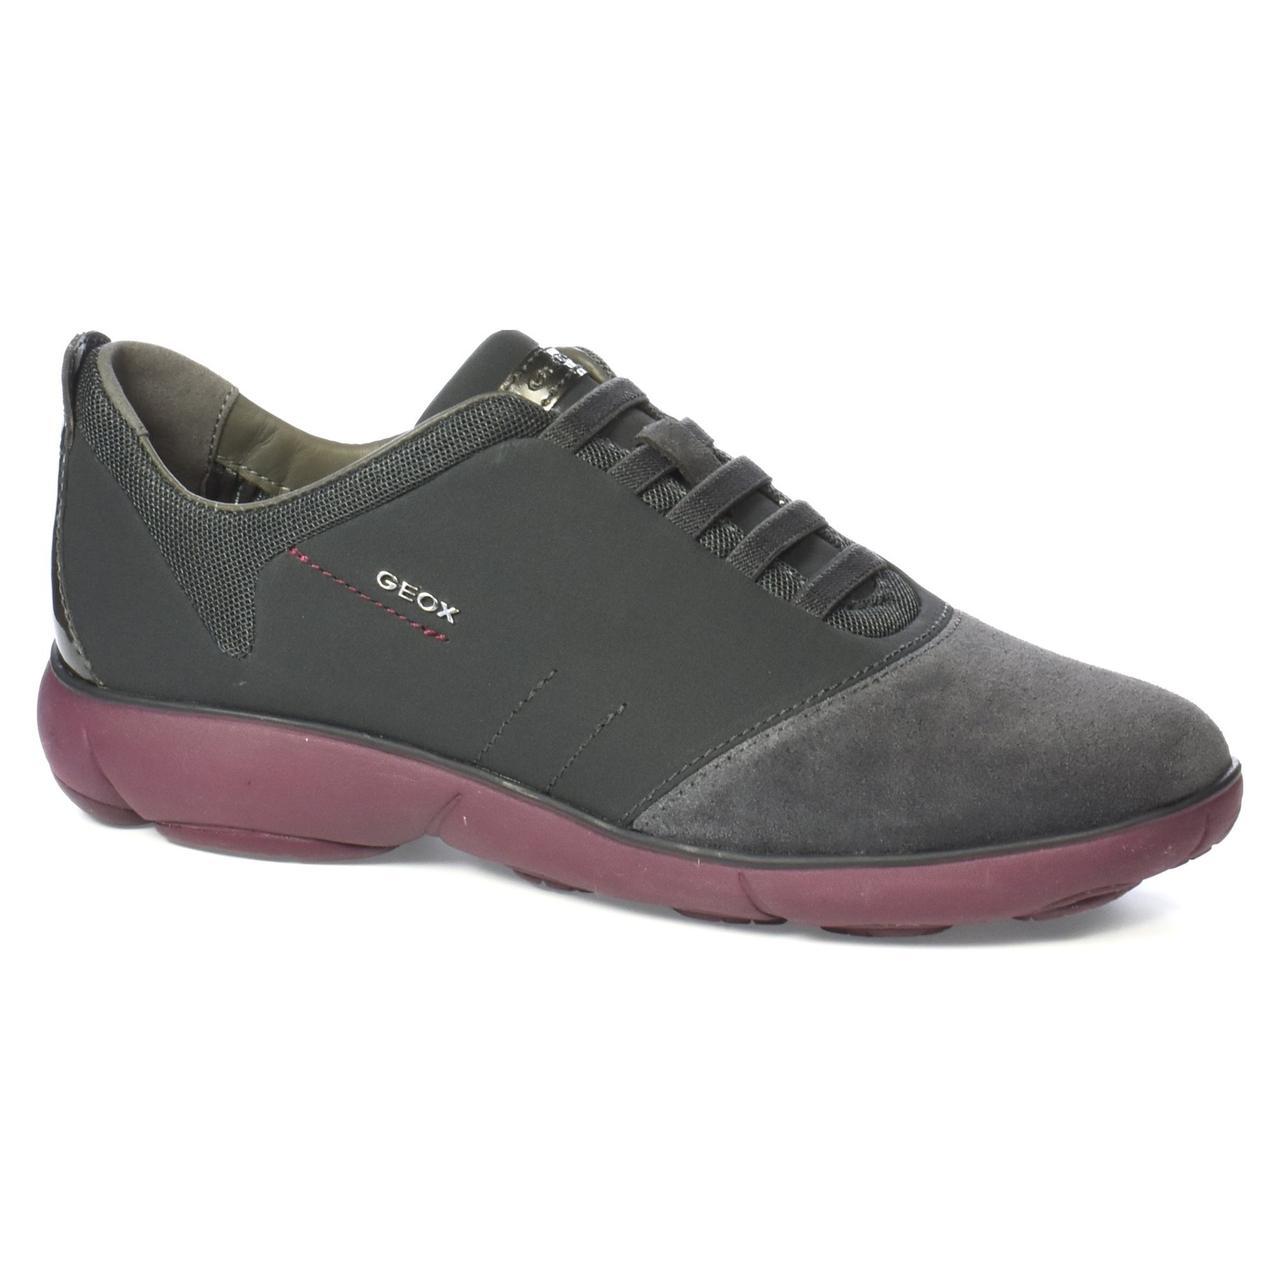 1dd3b1cd4 Спортивные туфли Geox Respira D641EG-01122-C9189, код: 04509, размеры: